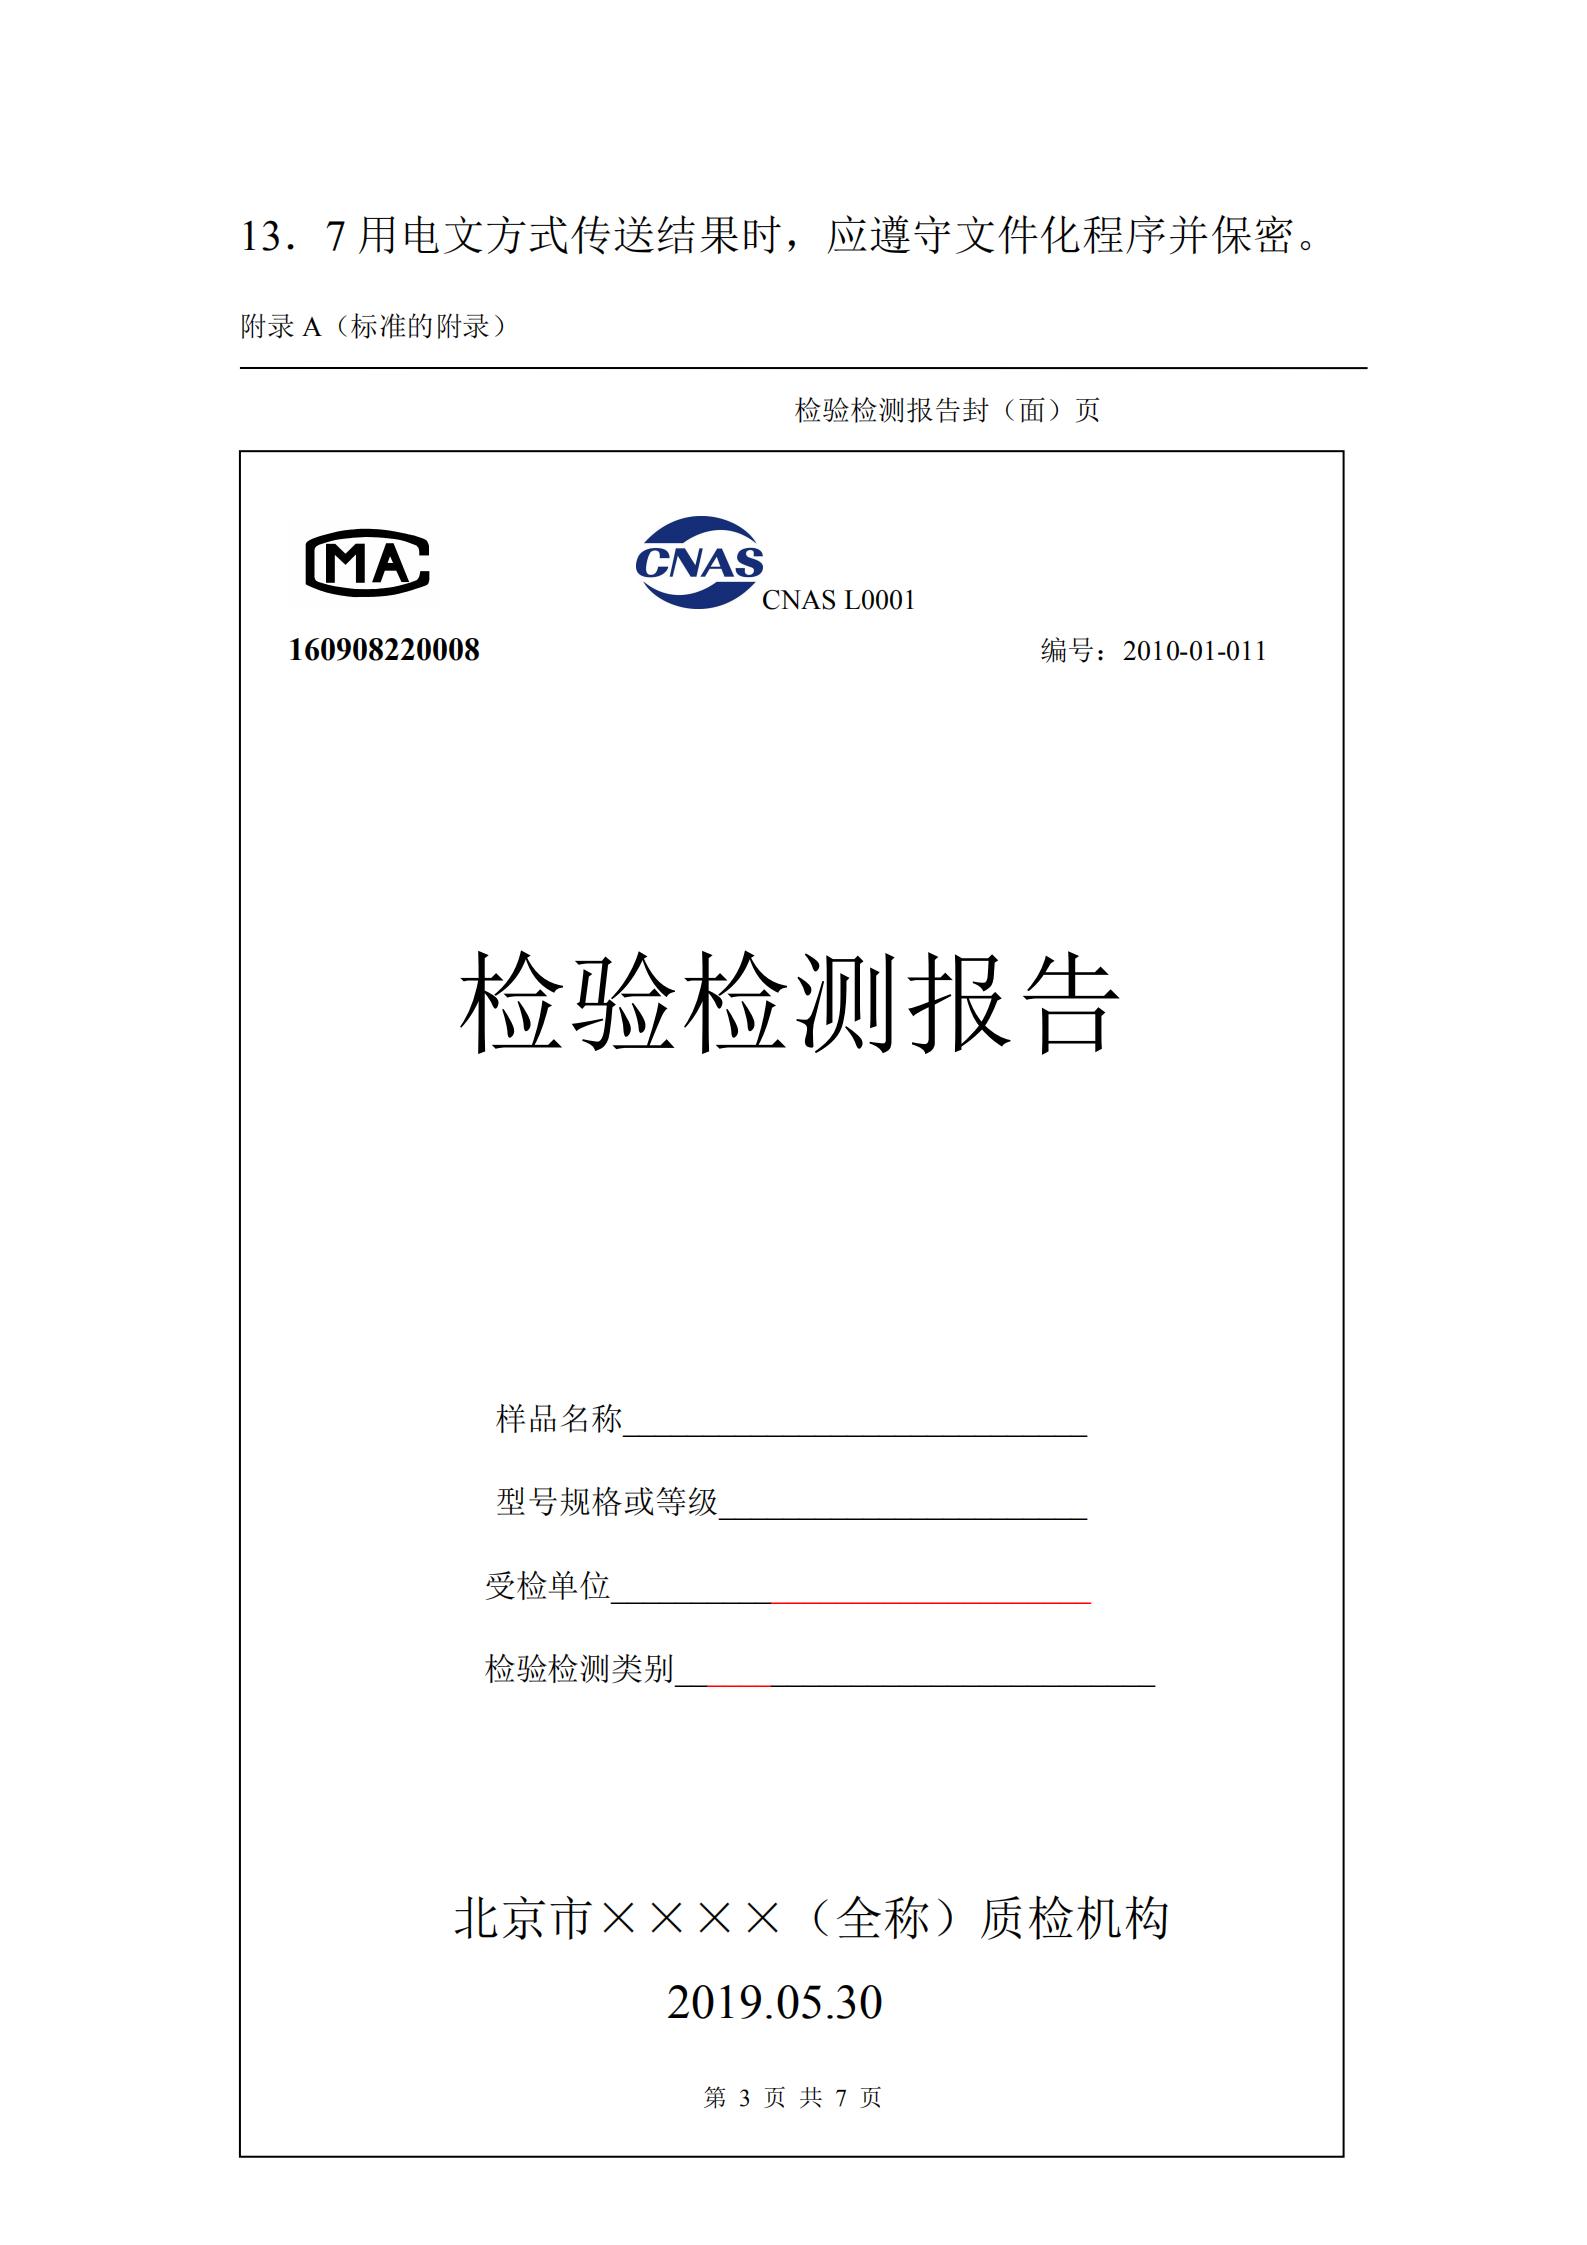 分包报告格式_02.png